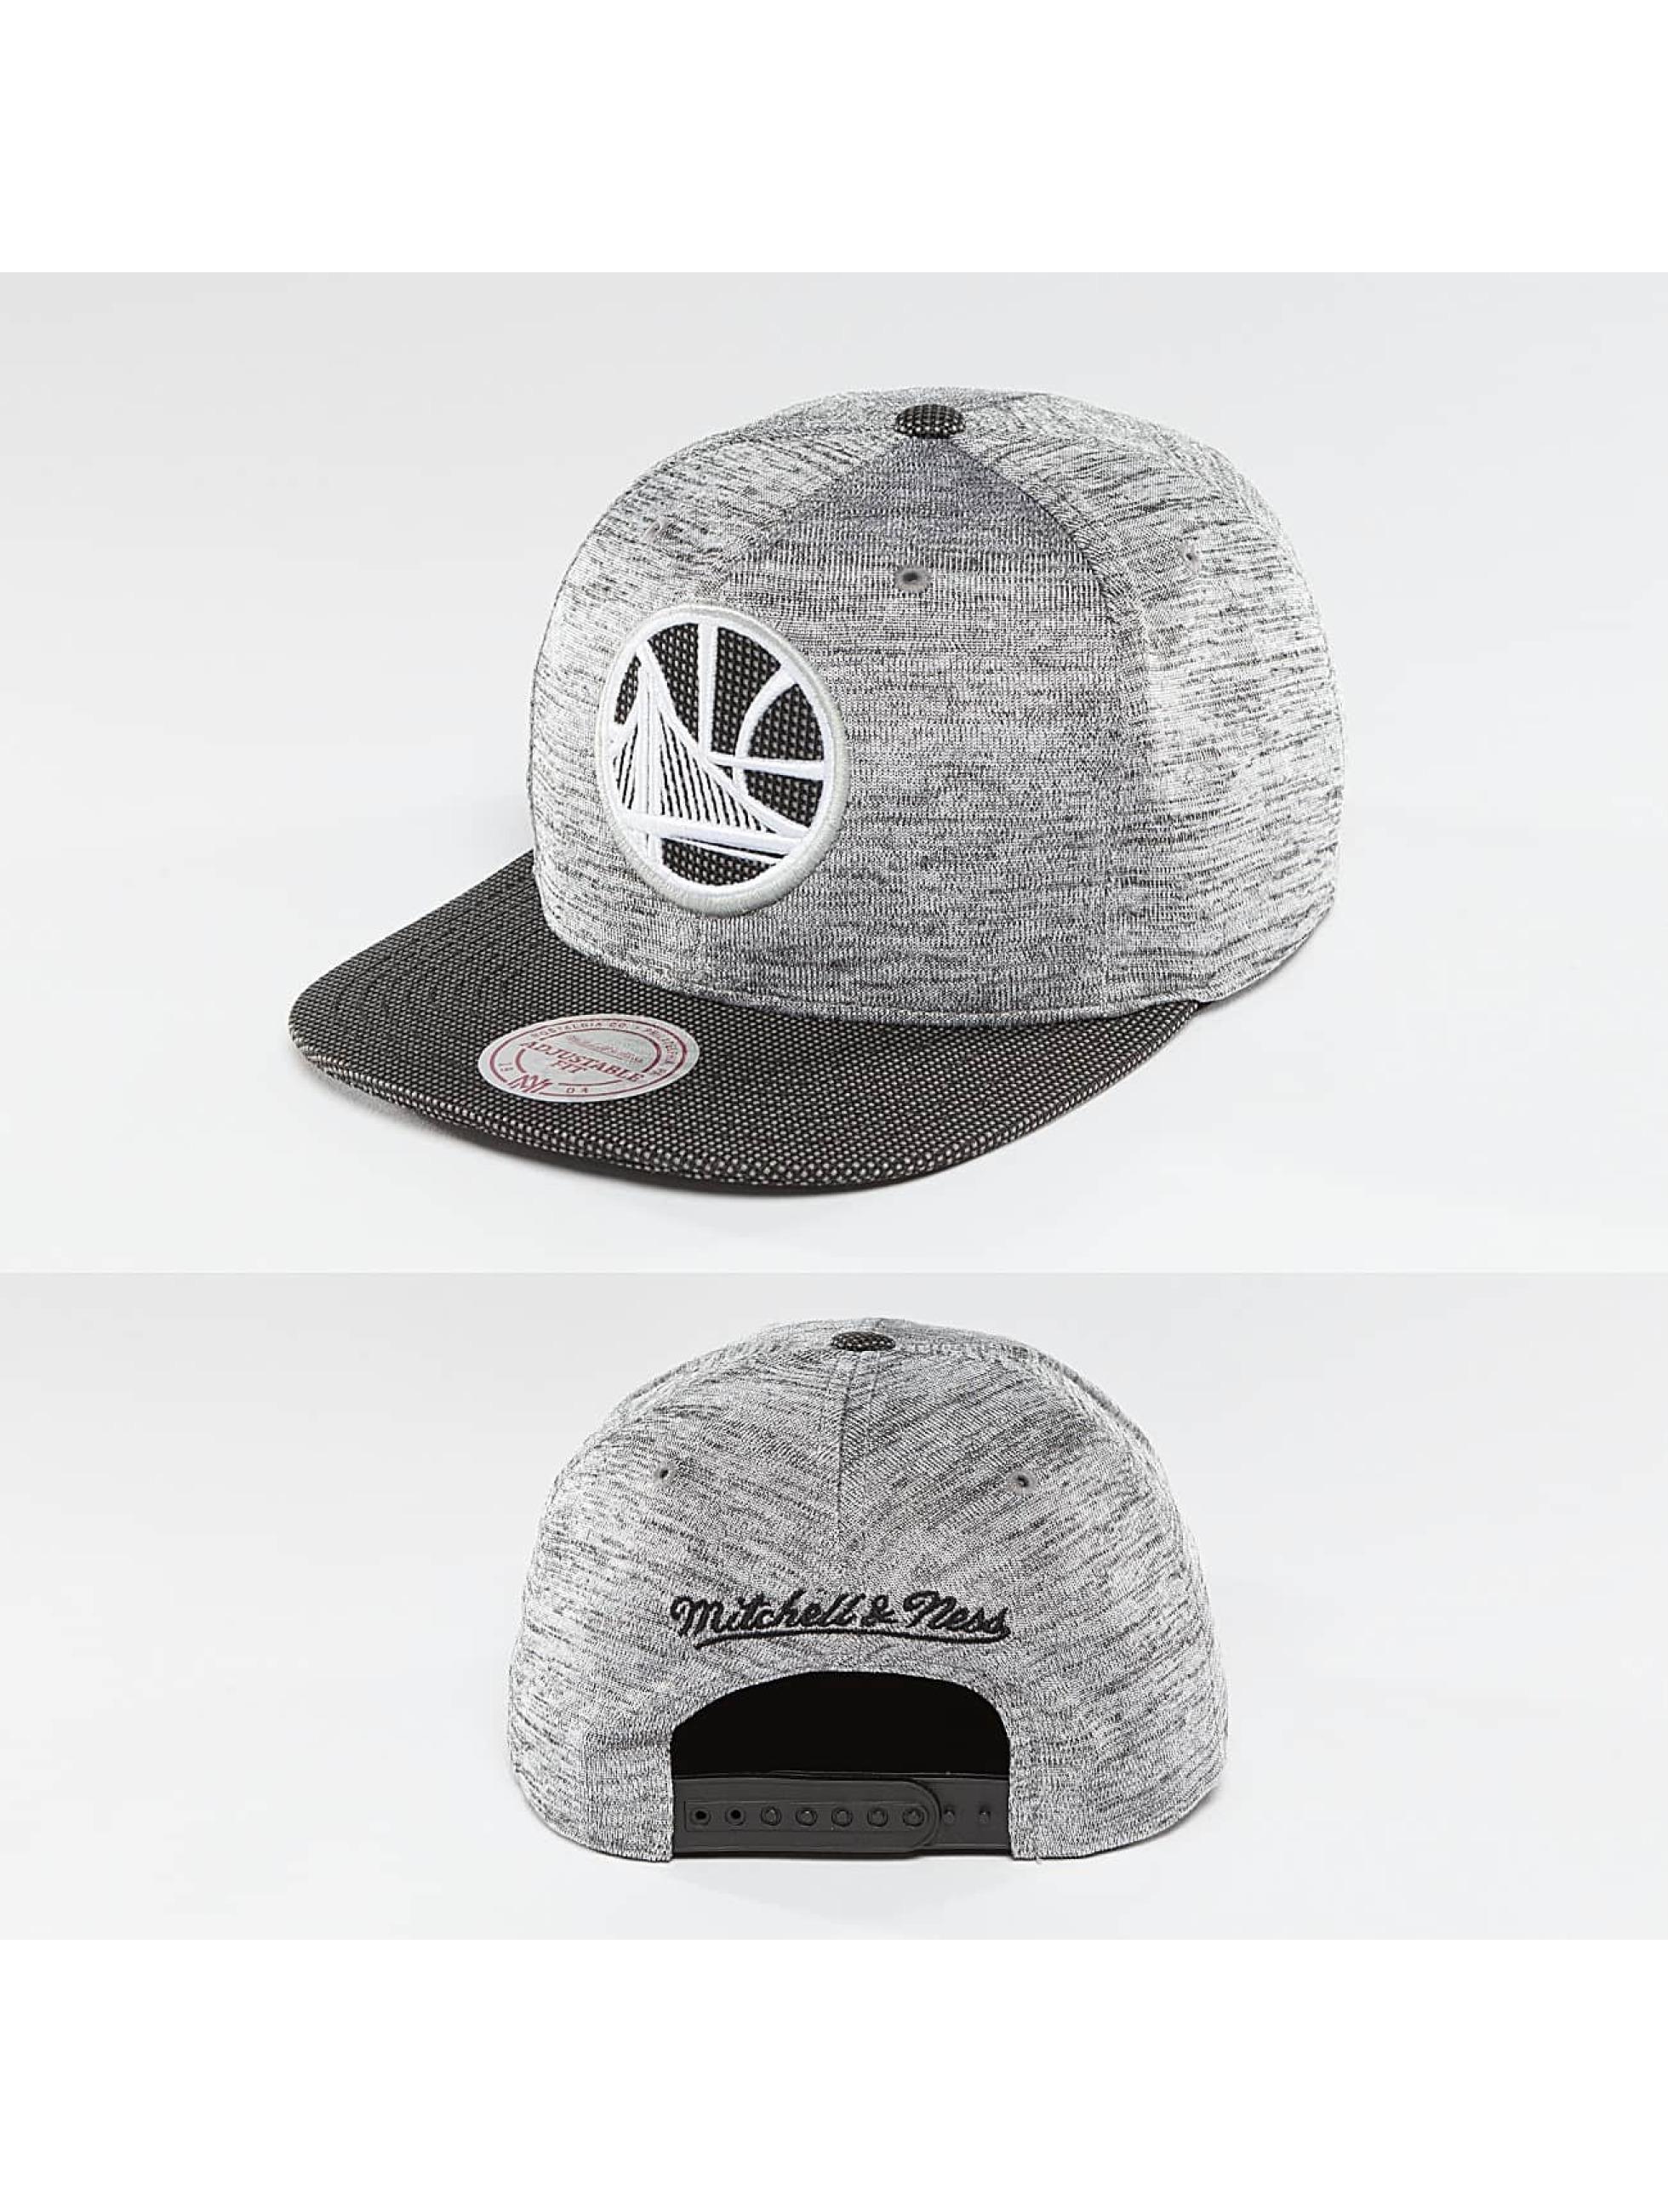 a8e2c981d93 Mitchell   Ness Snapbackkeps NBA Space Knit Crown PU Visor Golden State  Warriors grå